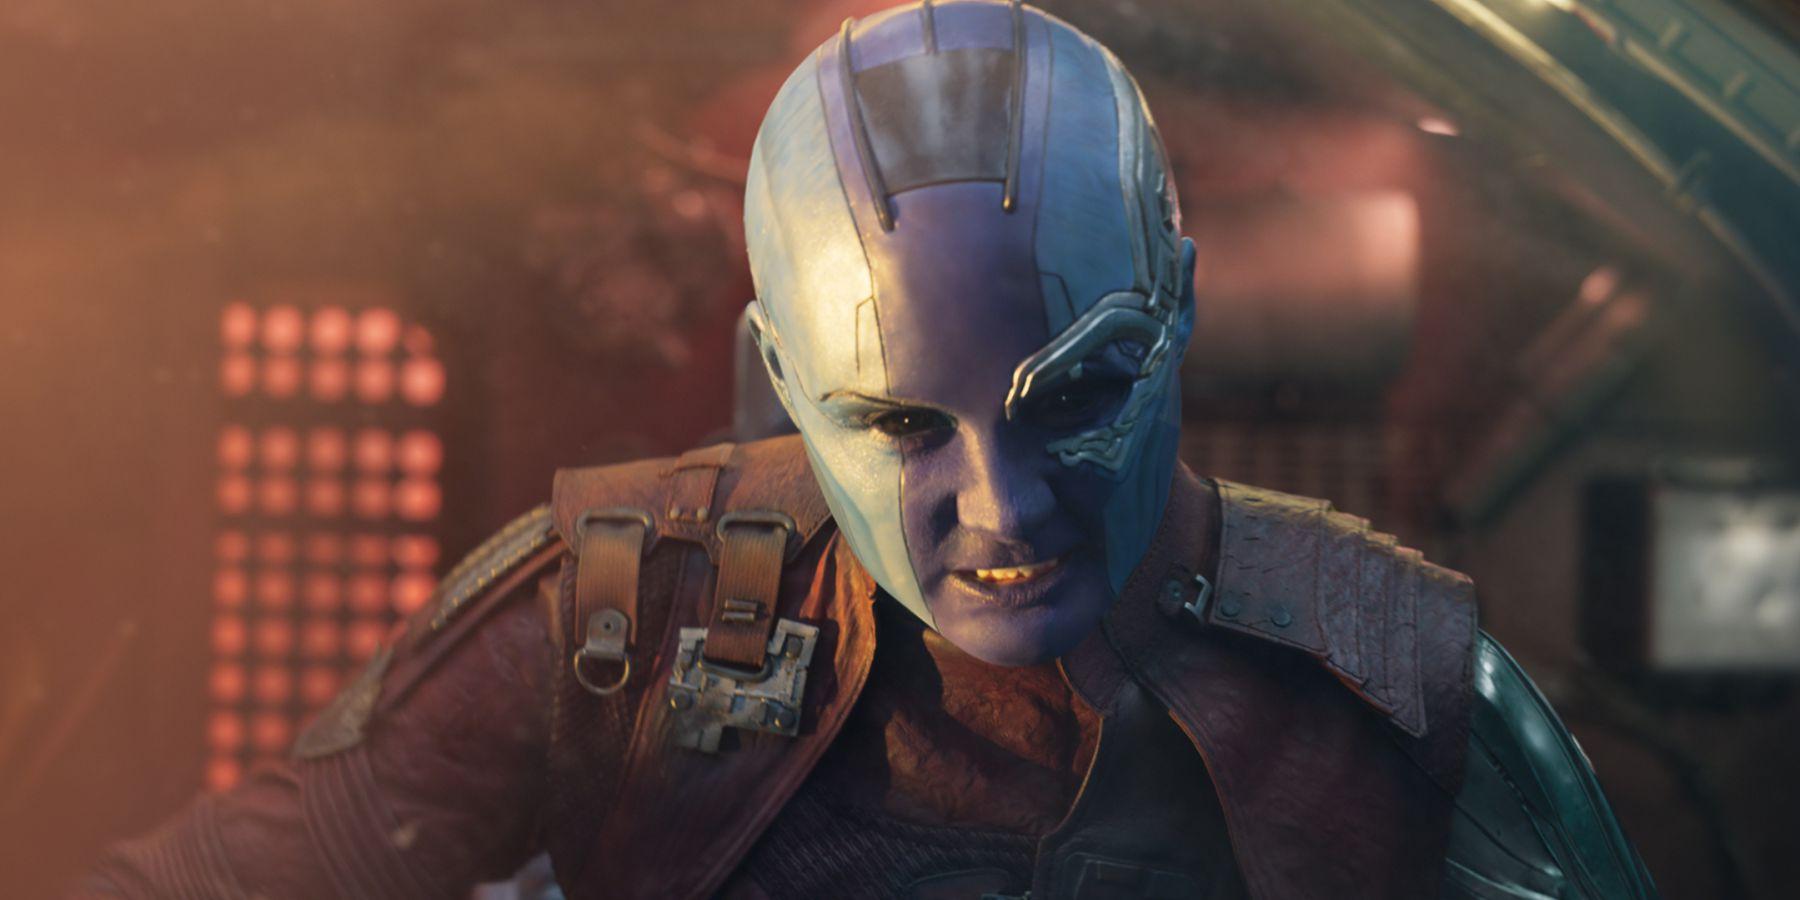 Guardians of the Galaxy Vol 2 - Karen Gillan as Nebula